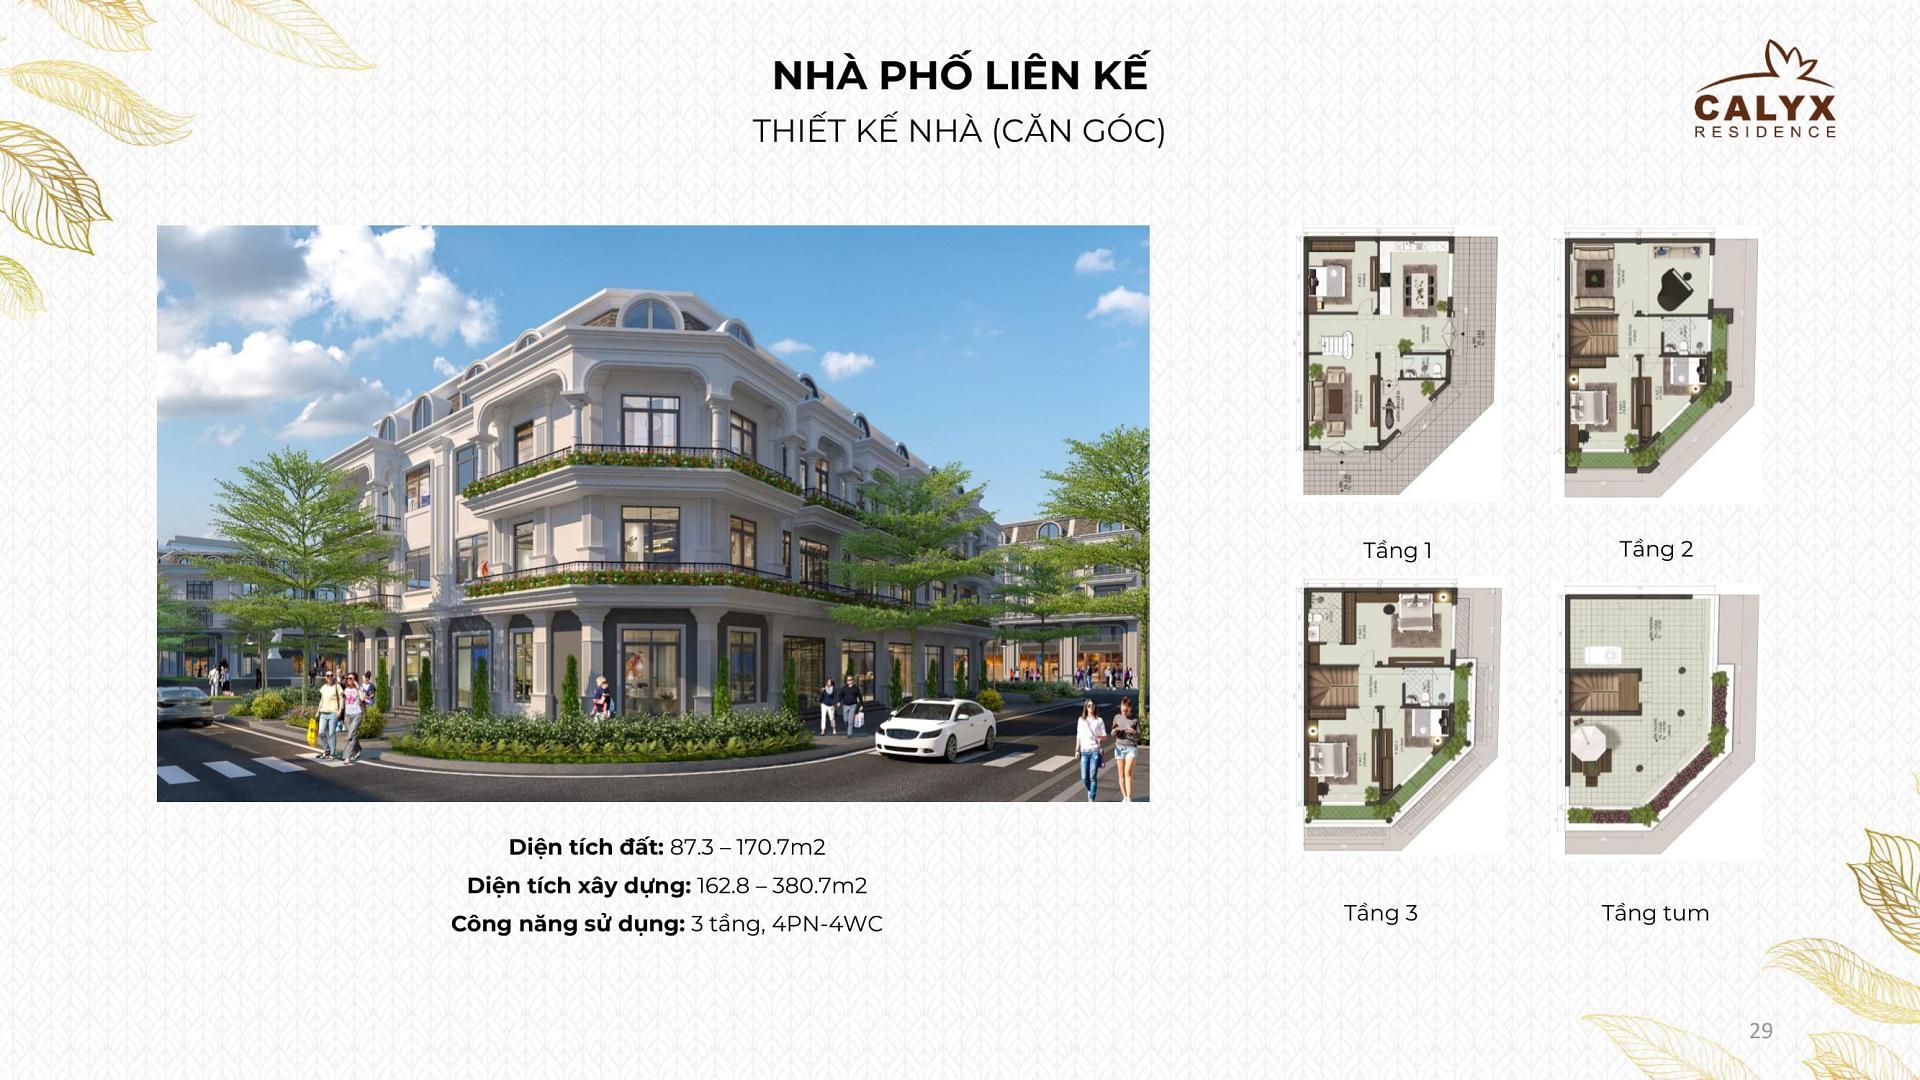 thiết kế liền kề calyx residence lô góc